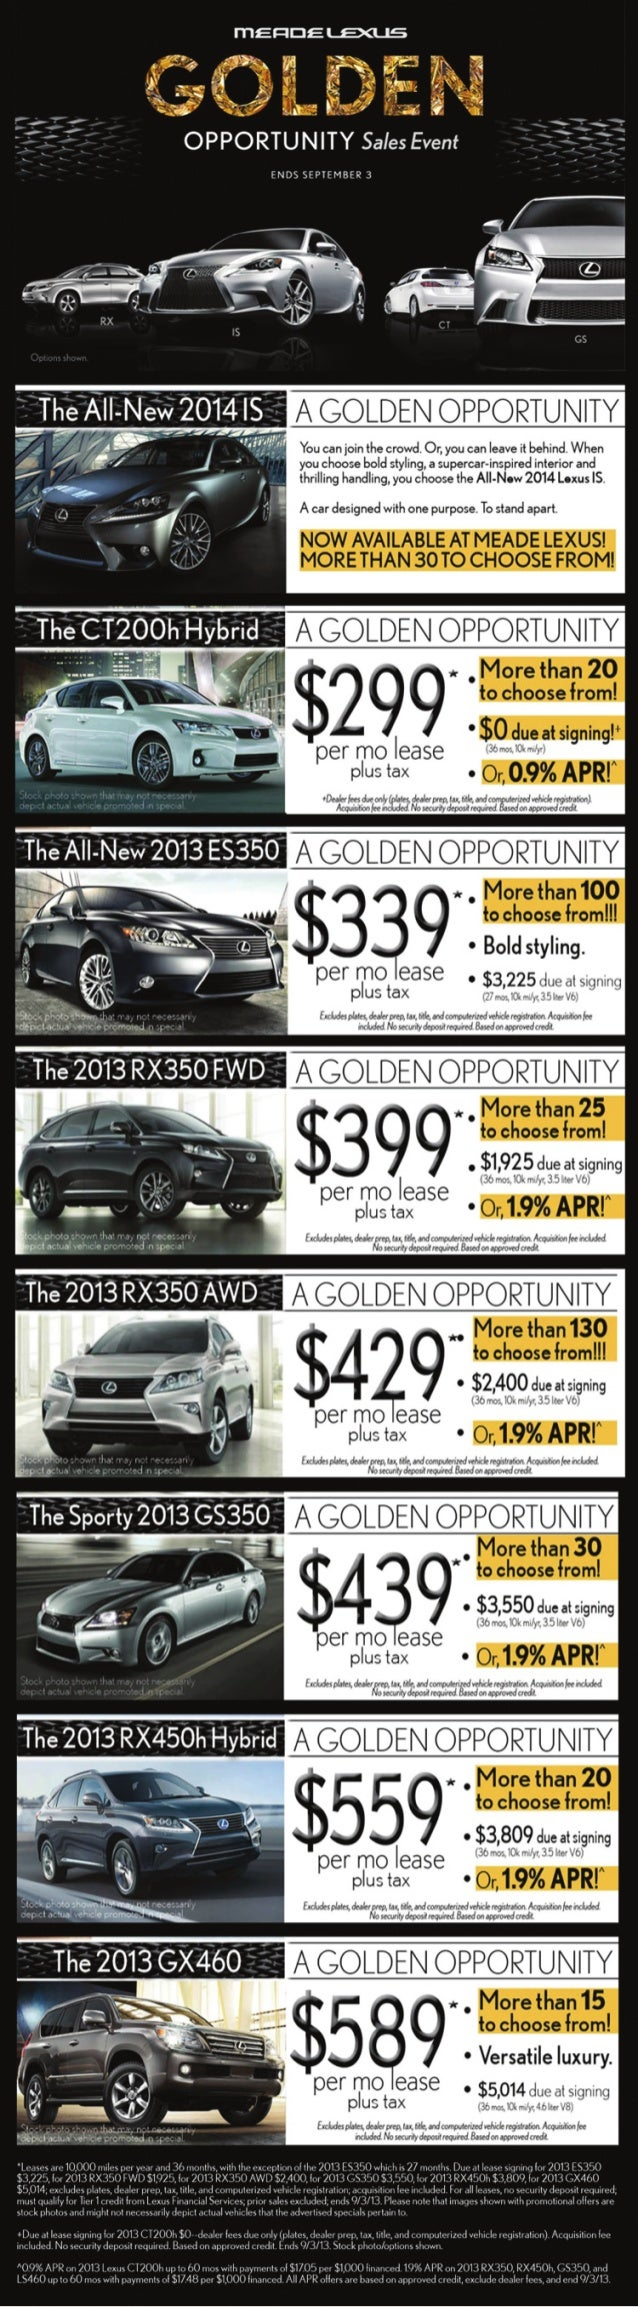 Detroit Michigan Lexus Dealer Announces Golden Opportunity Sales Event